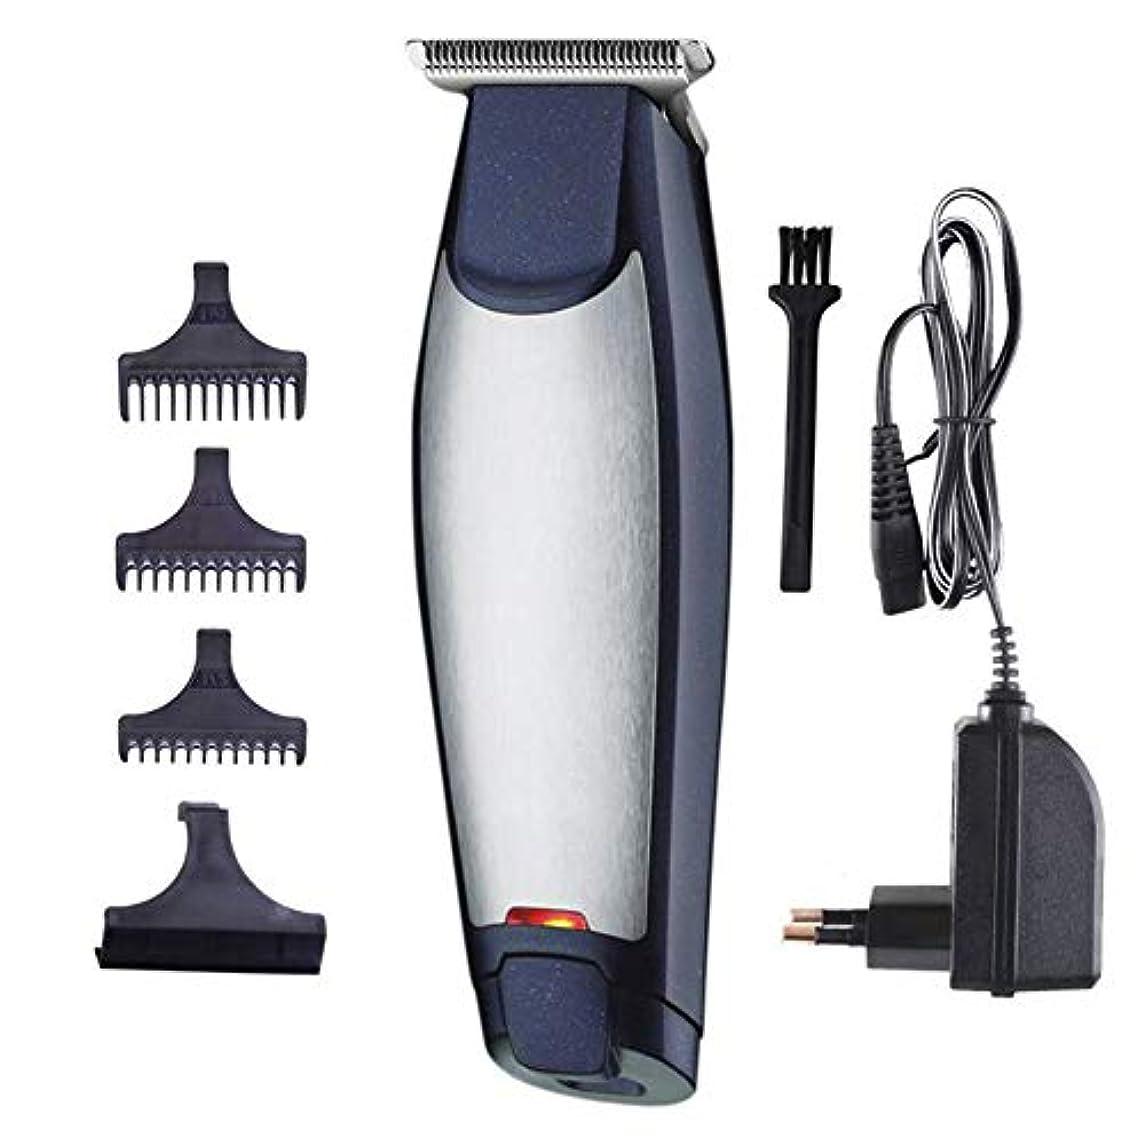 丘太鼓腹フェードバリカンヘアひげトリマー充電式電気かみそり男性コードレスヘアカッティングマシン付き櫛理髪師マシン散髪キット